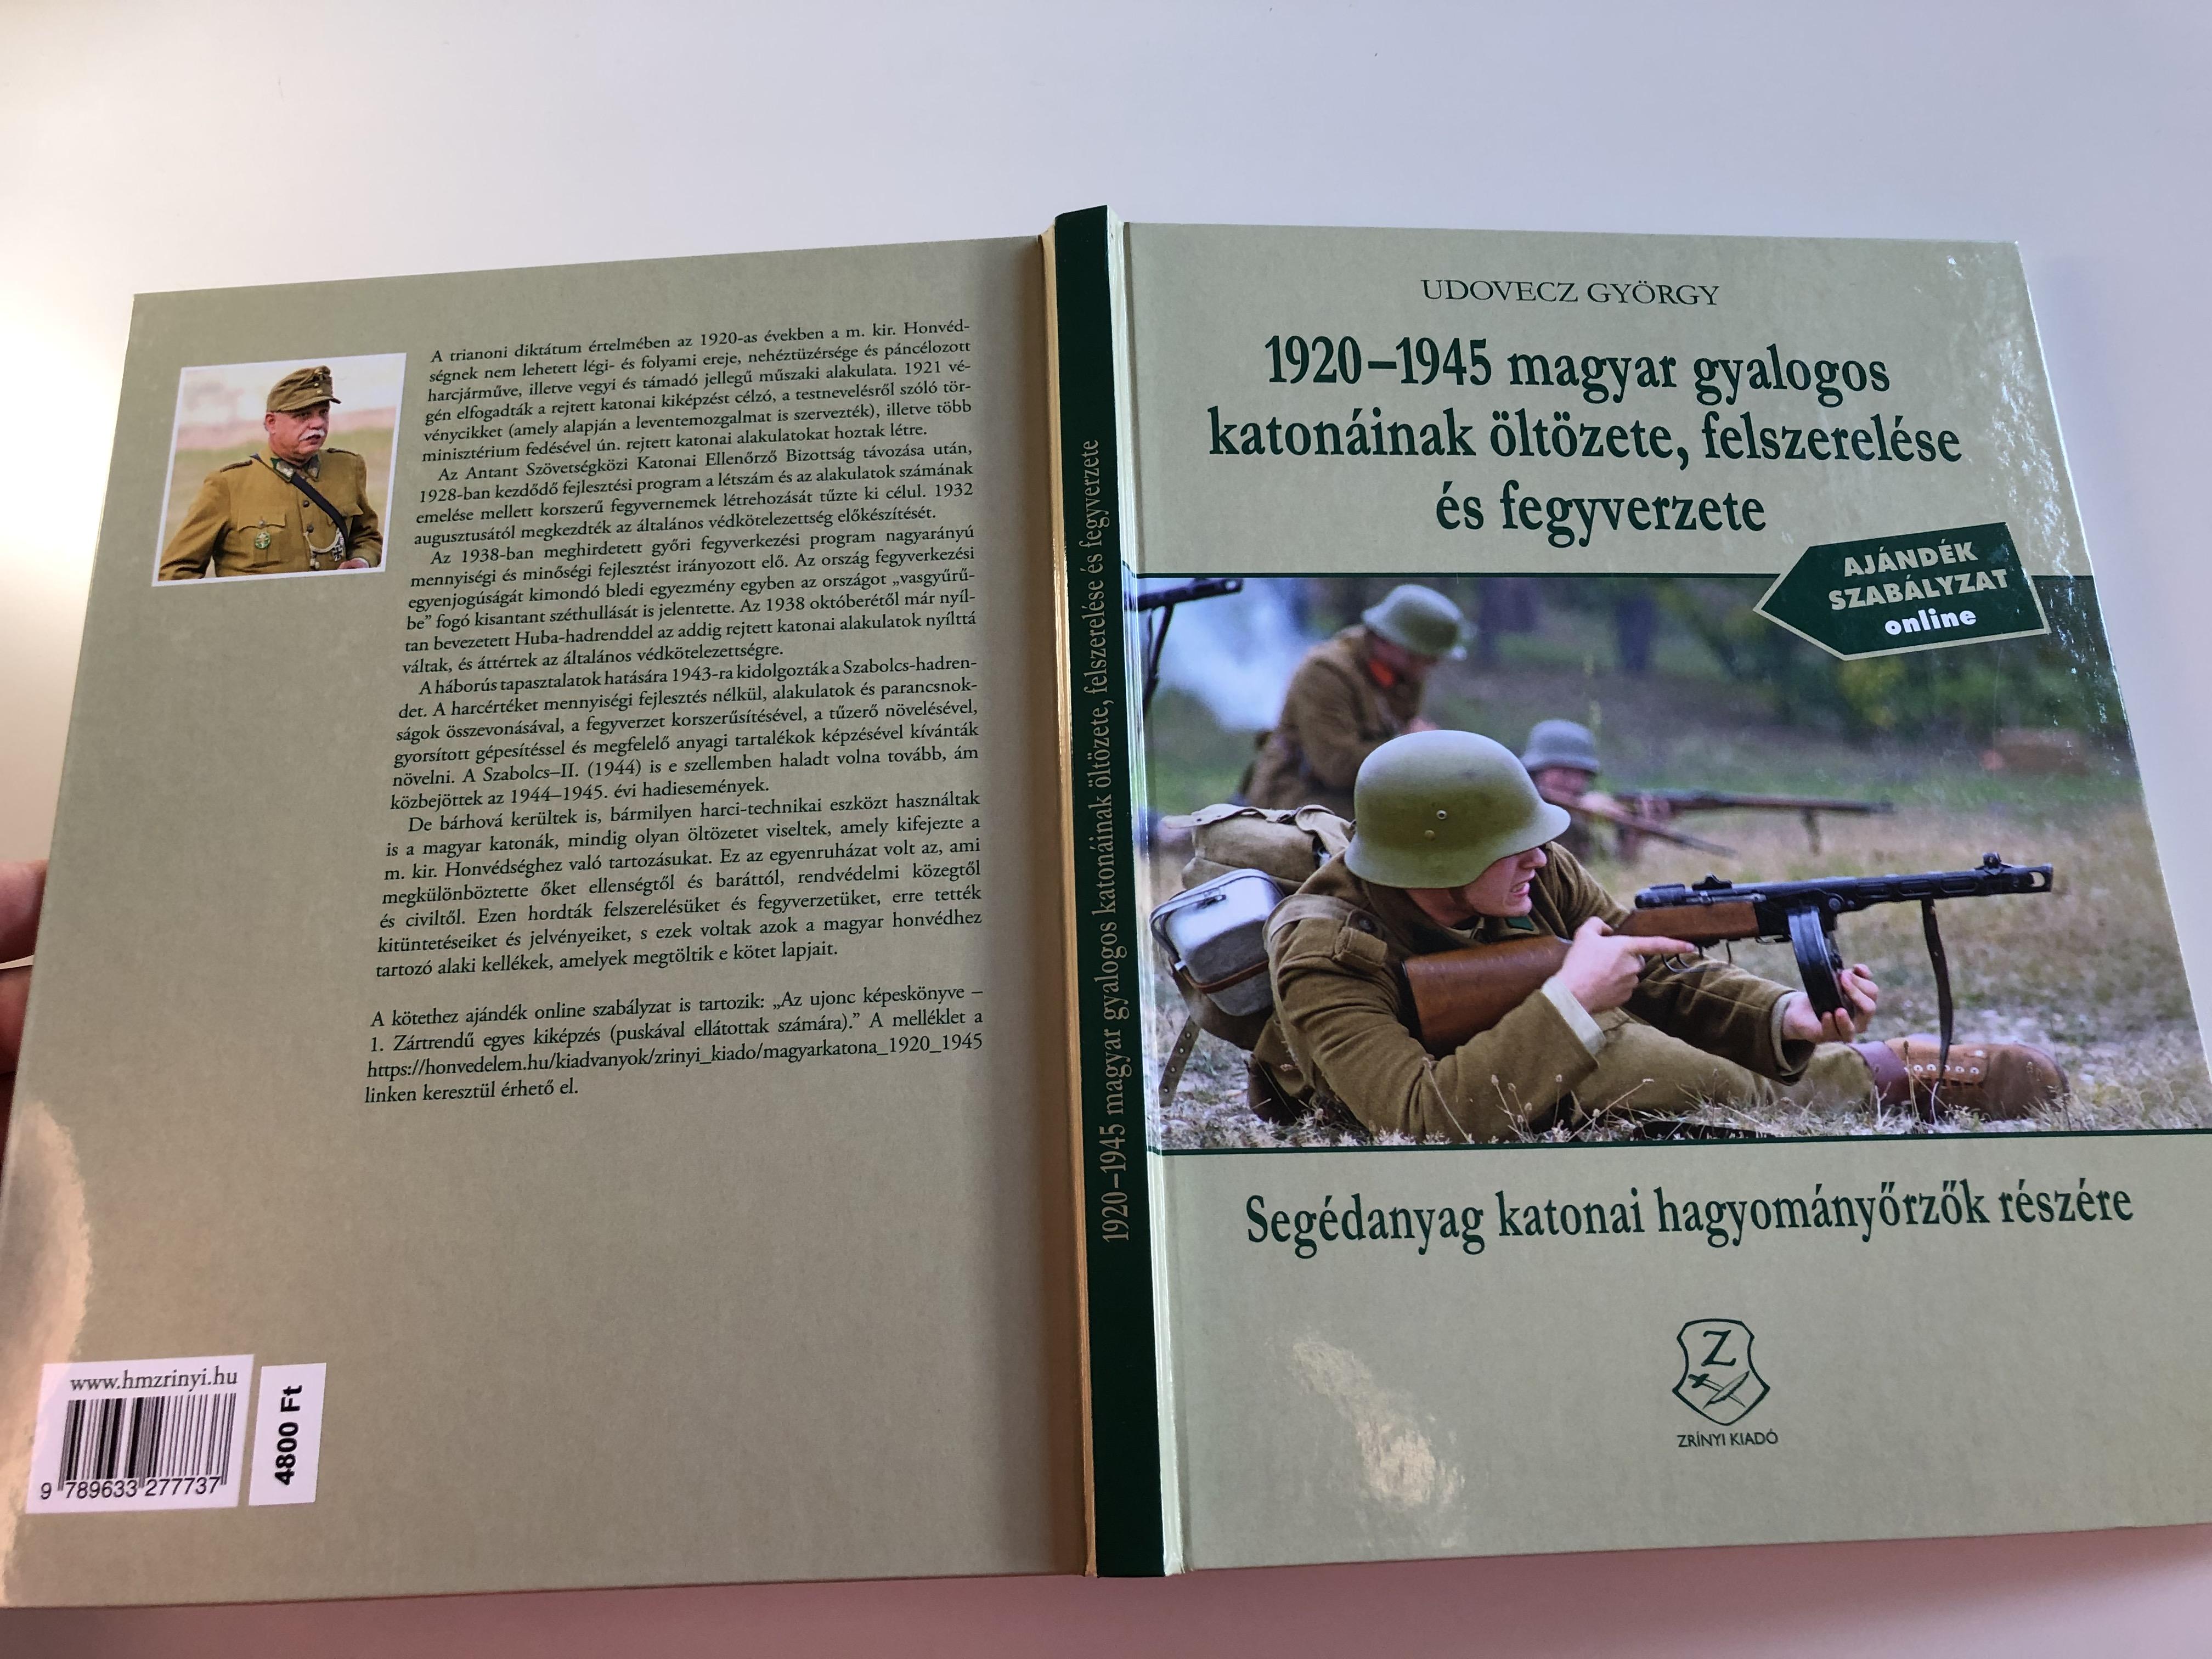 1920-1945-magyar-gyalogos-katon-inak-lt-zete-felszerel-se-s-fegyverzete-by-udovecz-gy-rgy-17.jpg